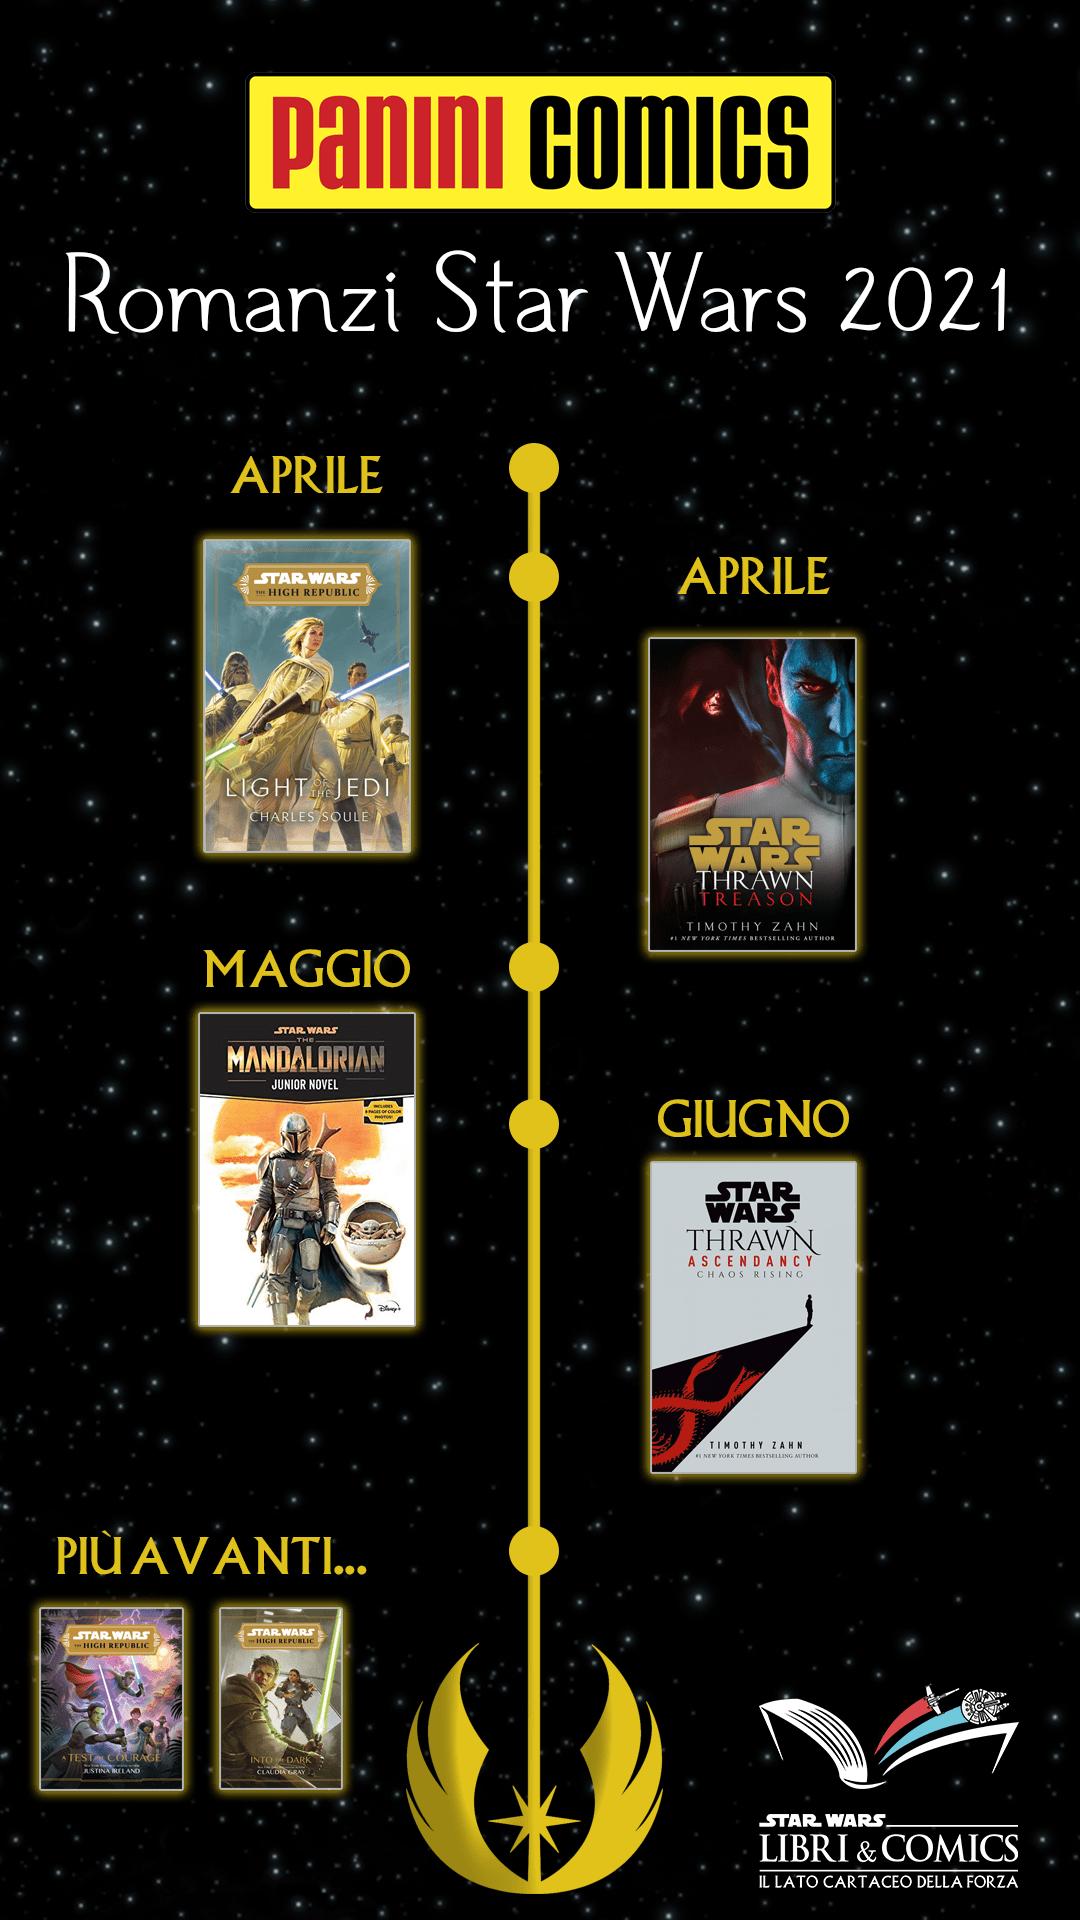 Timeline delle pubblicazioni Panini Comics. Fonte: Star Wars Libri & Comics